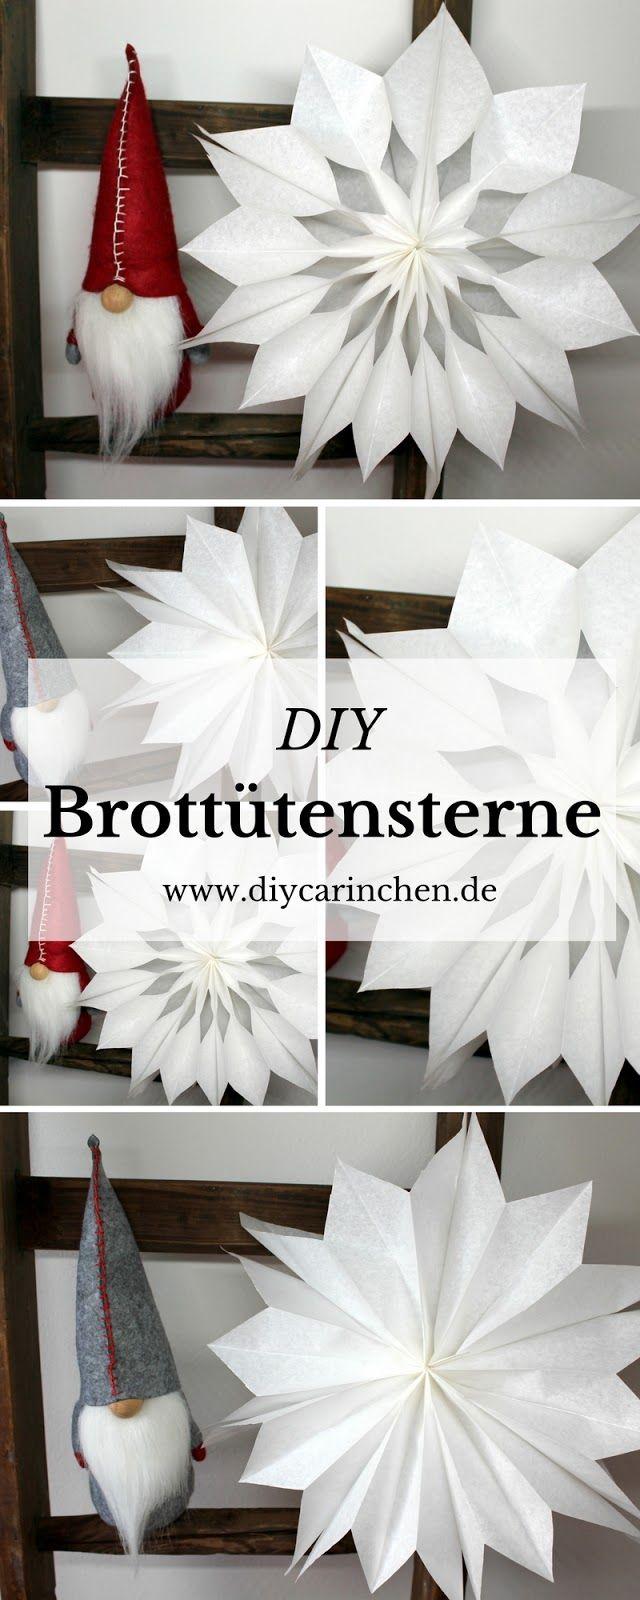 Last Minute DIY: Geschenkidee zu Weihnachten, Weihnachtssterne aus Brottüten in weniger als 5 Minuten! ☆